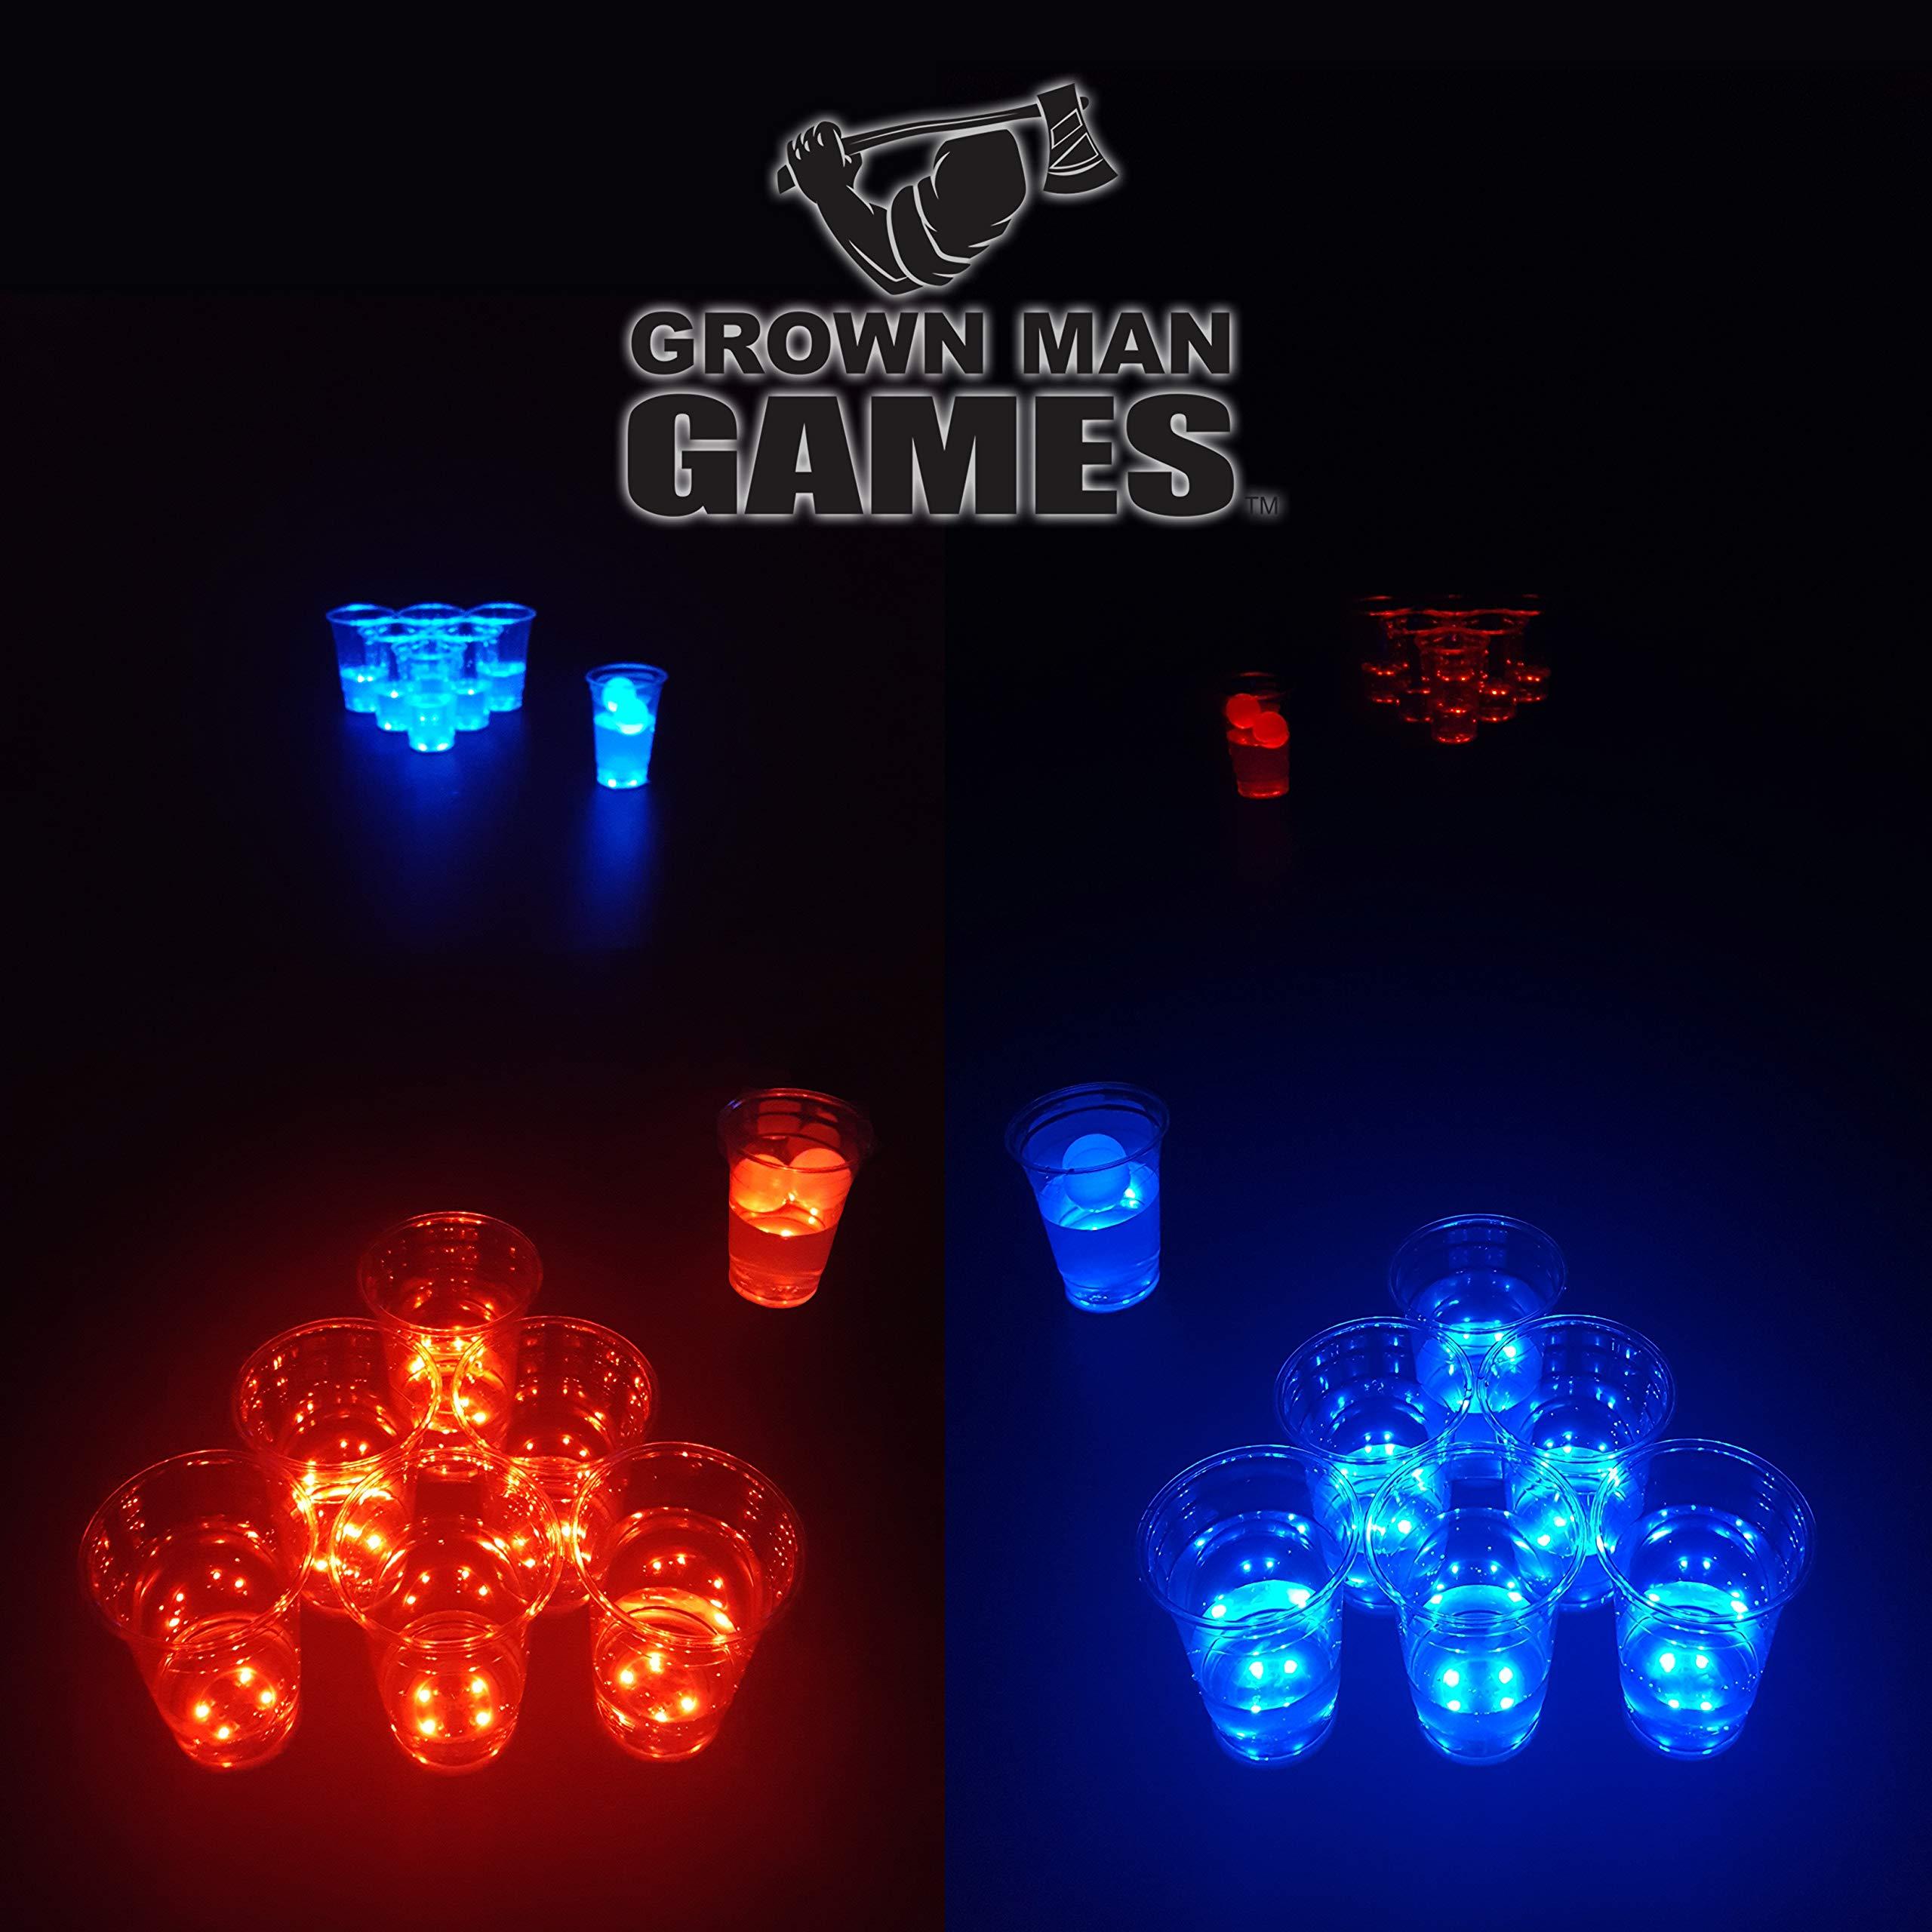 Grown Man Games Glow in The Dark Beer Pong Set - LED Beer Pong Cups and Glow-in-The-Dark Balls - 14 Cups and 2 Ping Pong Balls - Beer Pong Party Cup Set (14 Cups) by Grown Man Games